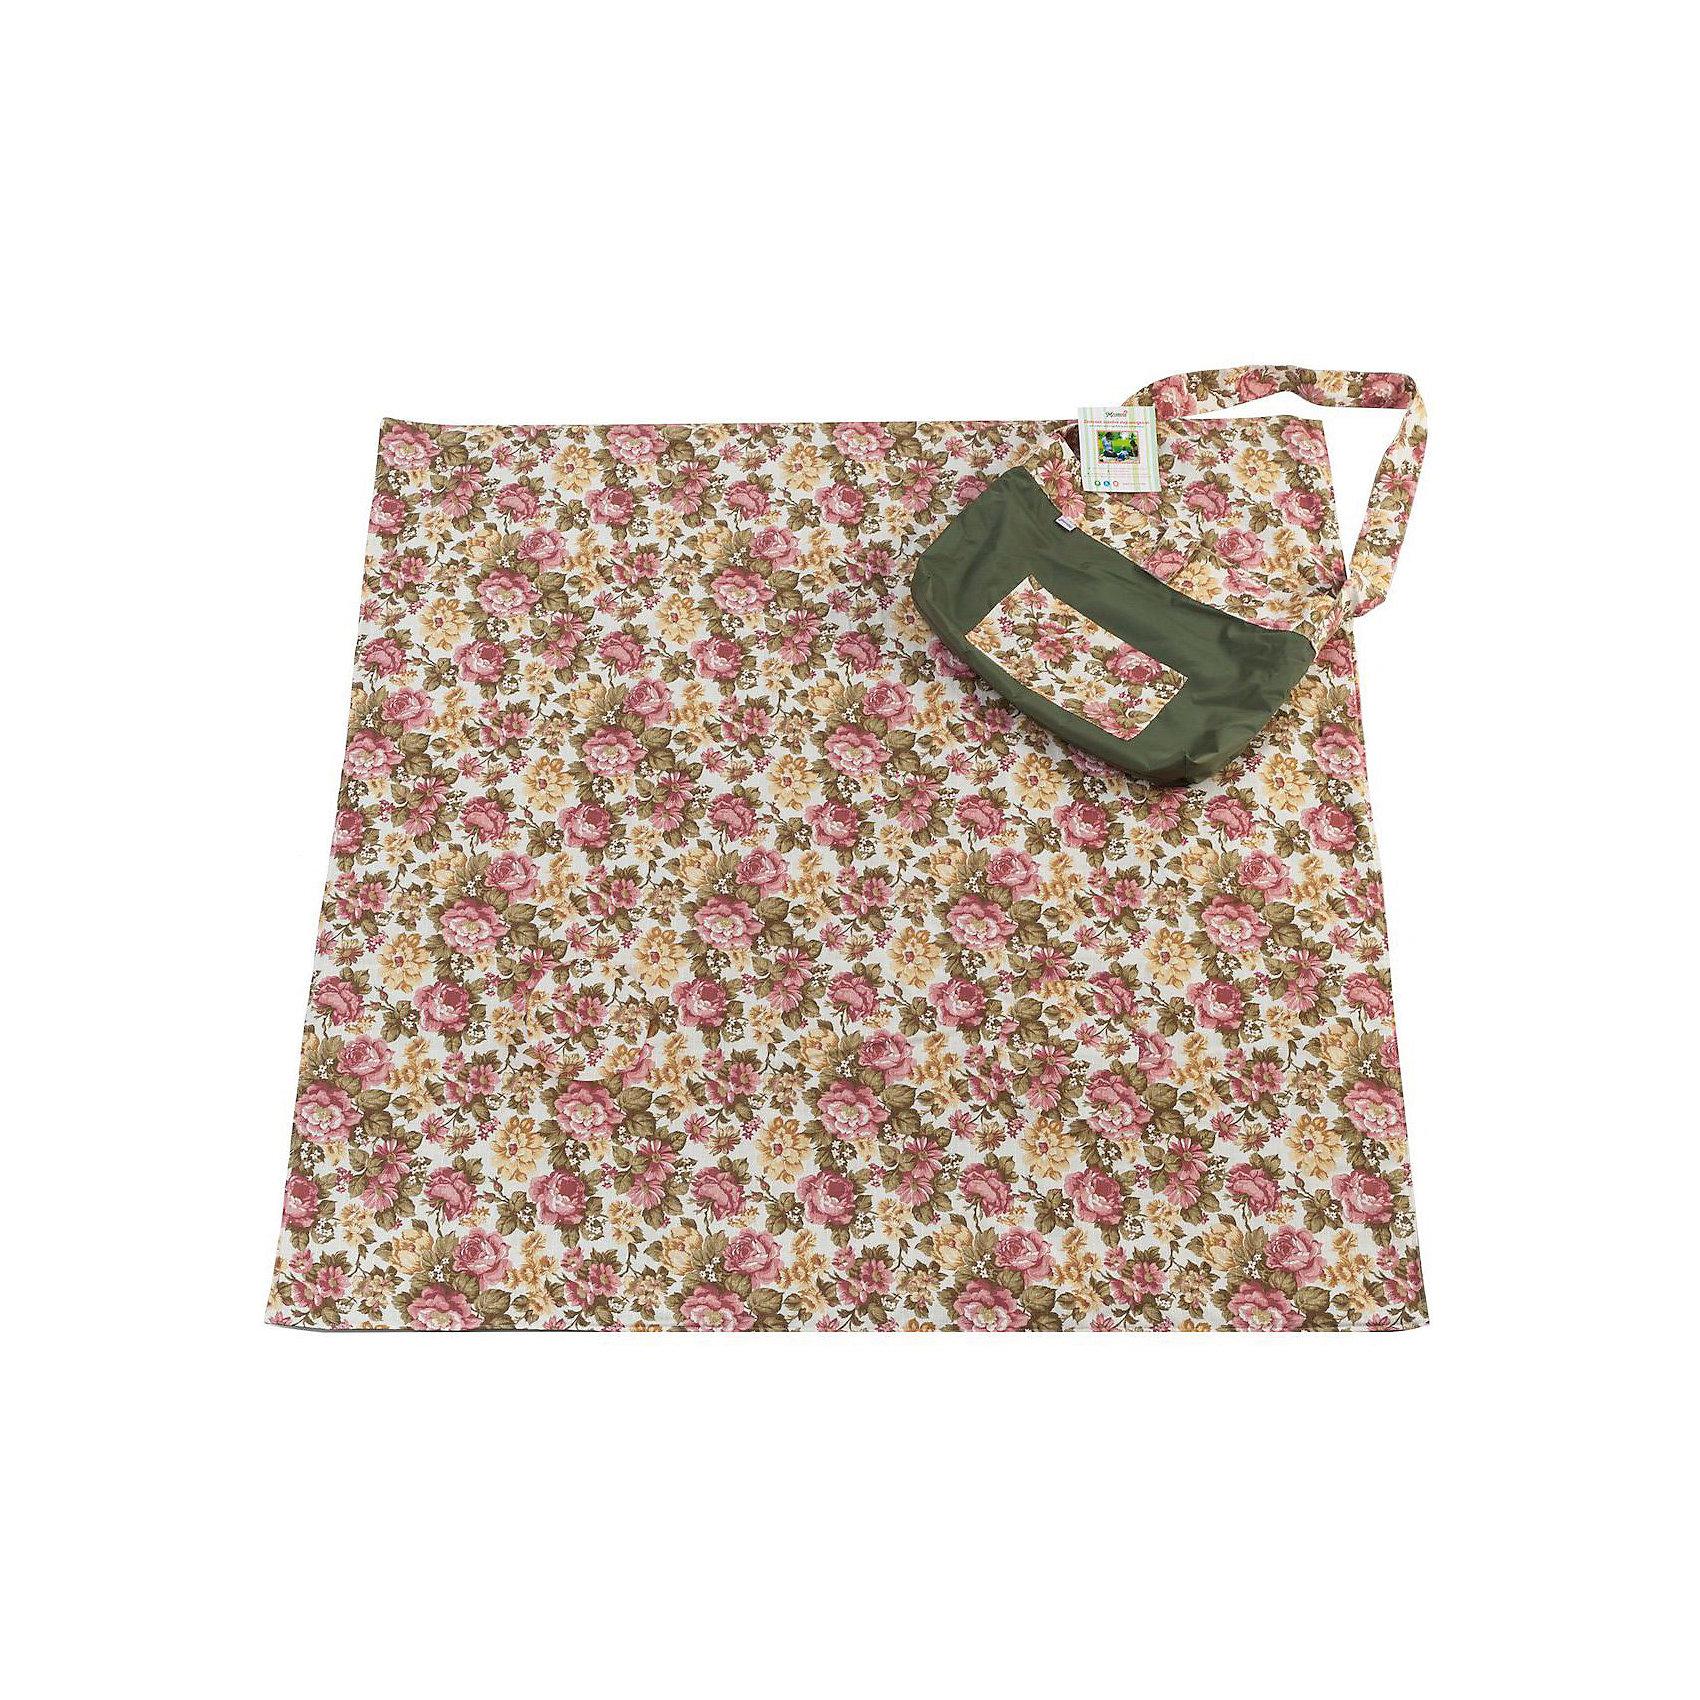 Термоодеяло для пикника с сумкой, Mammie, флораОдеяла, пледы<br>Термоодеяло для пикника с сумкой, Mammie, флора.<br><br>Характеристики:<br><br>• Комплектация: термоодеяло, сумка с длинной ручкой<br>• Размер термоодеяла: 132х132 см.<br>• Рисунок: флора<br>• Материал верха: 100% хлопок<br>• Материал внутренней стороны: Oxford<br>• Утеплитель: Alpolux (200 г/м?)<br>• Уход: ручная или машинная стирка при температуре 90  С<br>• Размер упаковки: 20х30х5 см.<br>• Вес: 600 гр.<br><br>Термоодеяло от бренда Mammie поможет сделать ваш с малышом отдых на природе, пляже у речки или моря максимально комфортным. Структура сэндвича, когда каждый слой отвечает за определенную функцию, наделяет термоодеяло уникальными качествами. Поверхность одеяла сделана из 100 %-го хлопка. Ткань достаточно плотная, но приятная на ощупь, не выгорает на солнце и не линяет при стирке. Мягкий утеплитель Alpolux, который известен своим уникальным сочетанием натуральной шерсти мериноса и микроволокон, не даст ребенку замерзнуть даже на холодных поверхностях. Нижний слой выполнен из легкомоющейся, непромокаемой ткани Oxford. Ни мокрая трава, ни влажный песок не нарушат планов совместного отдыха на природе. Размер термоодеяла позволяет комфортно разместиться на нем всей семьей. Термоодеяло легко и компактно складывается в небольшую сумку с ручками.<br><br>Термоодеяло для пикника с сумкой, Mammie, флора можно купить в нашем интернет-магазине.<br><br>Ширина мм: 200<br>Глубина мм: 300<br>Высота мм: 50<br>Вес г: 600<br>Возраст от месяцев: -2147483648<br>Возраст до месяцев: 2147483647<br>Пол: Унисекс<br>Возраст: Детский<br>SKU: 5613255